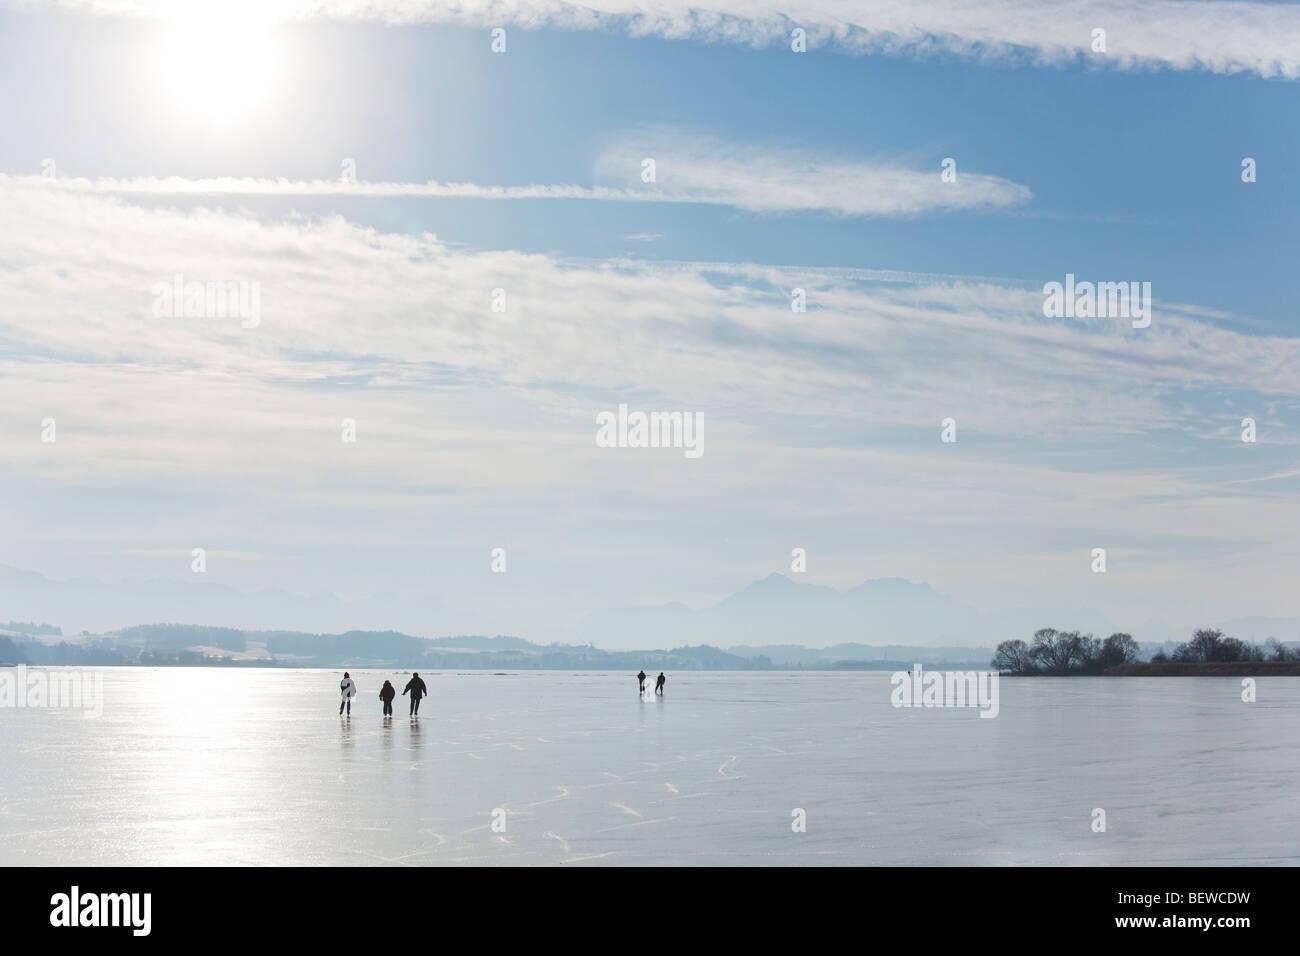 gefrorenen See Waller, Österreich Stockbild